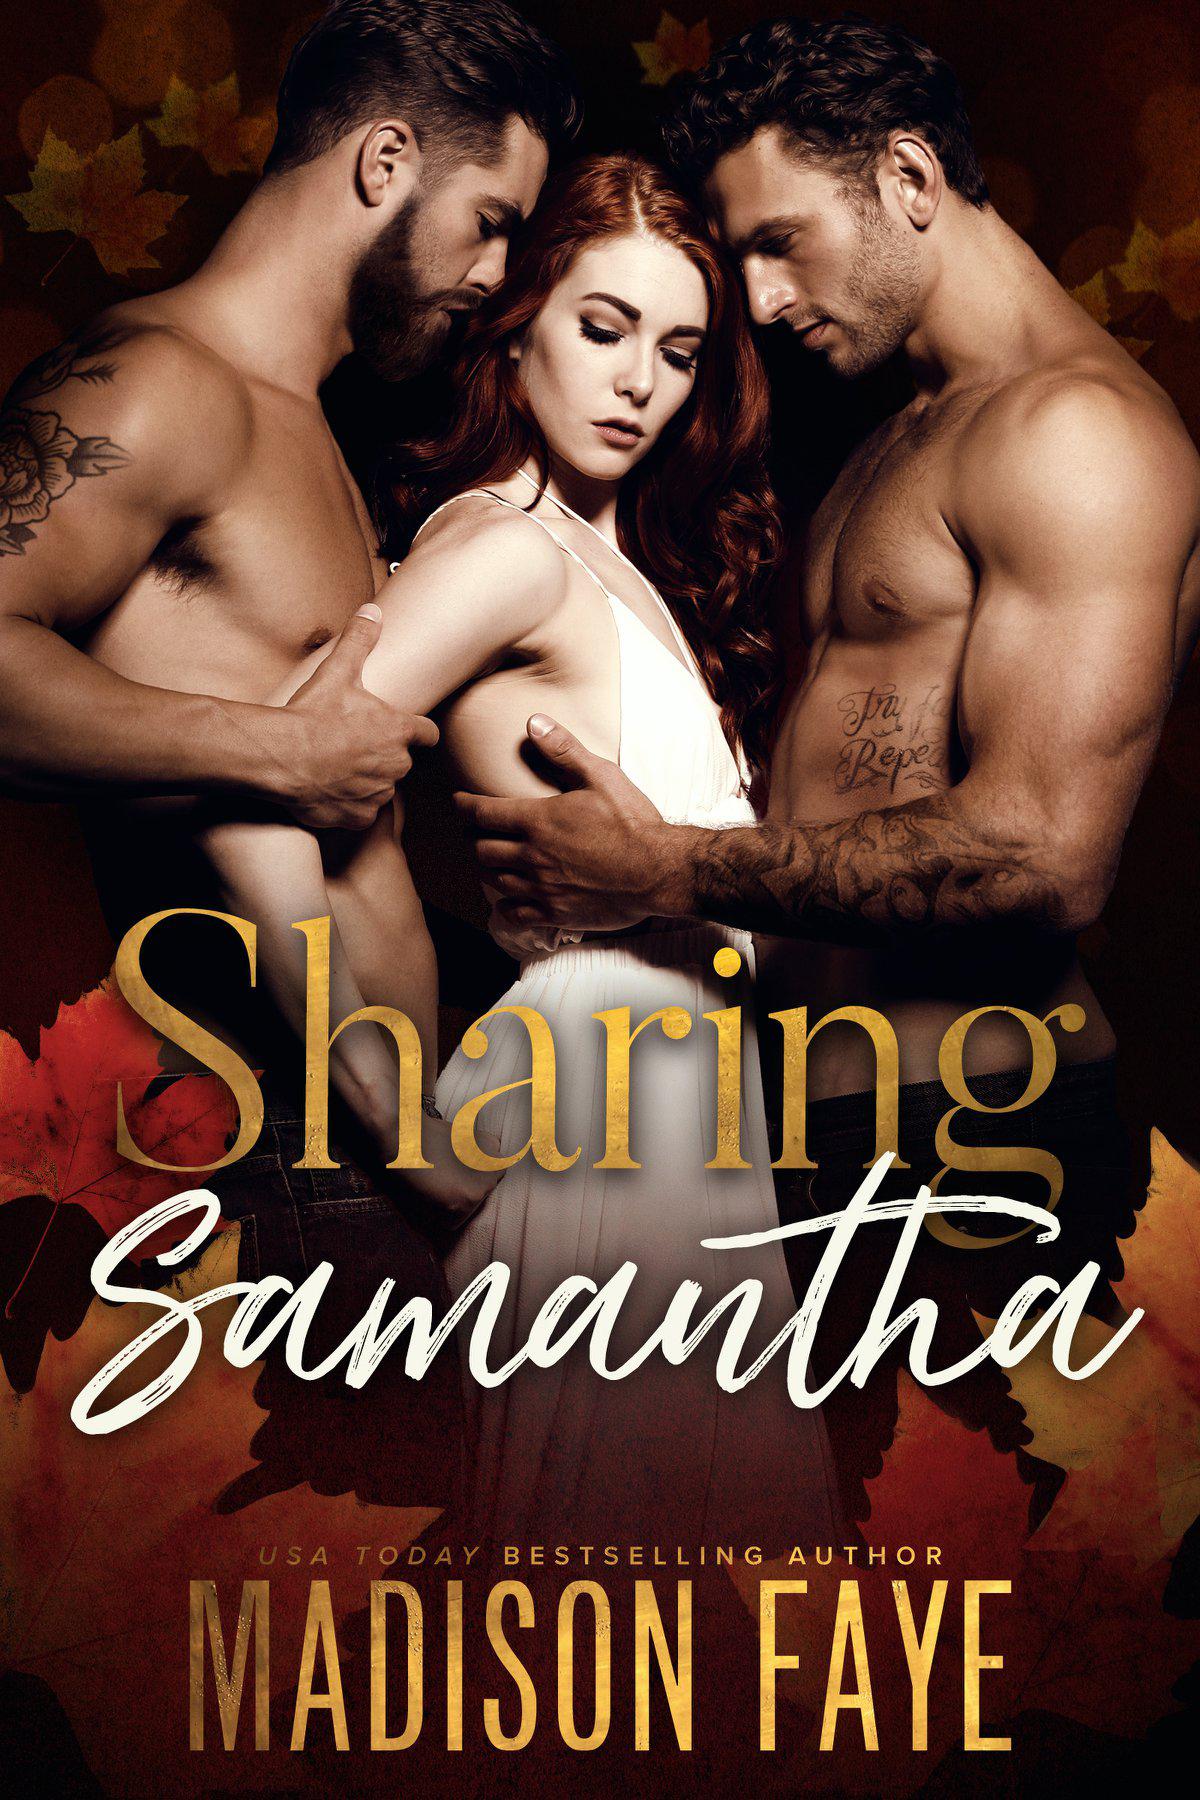 SHARING SAMANTHA